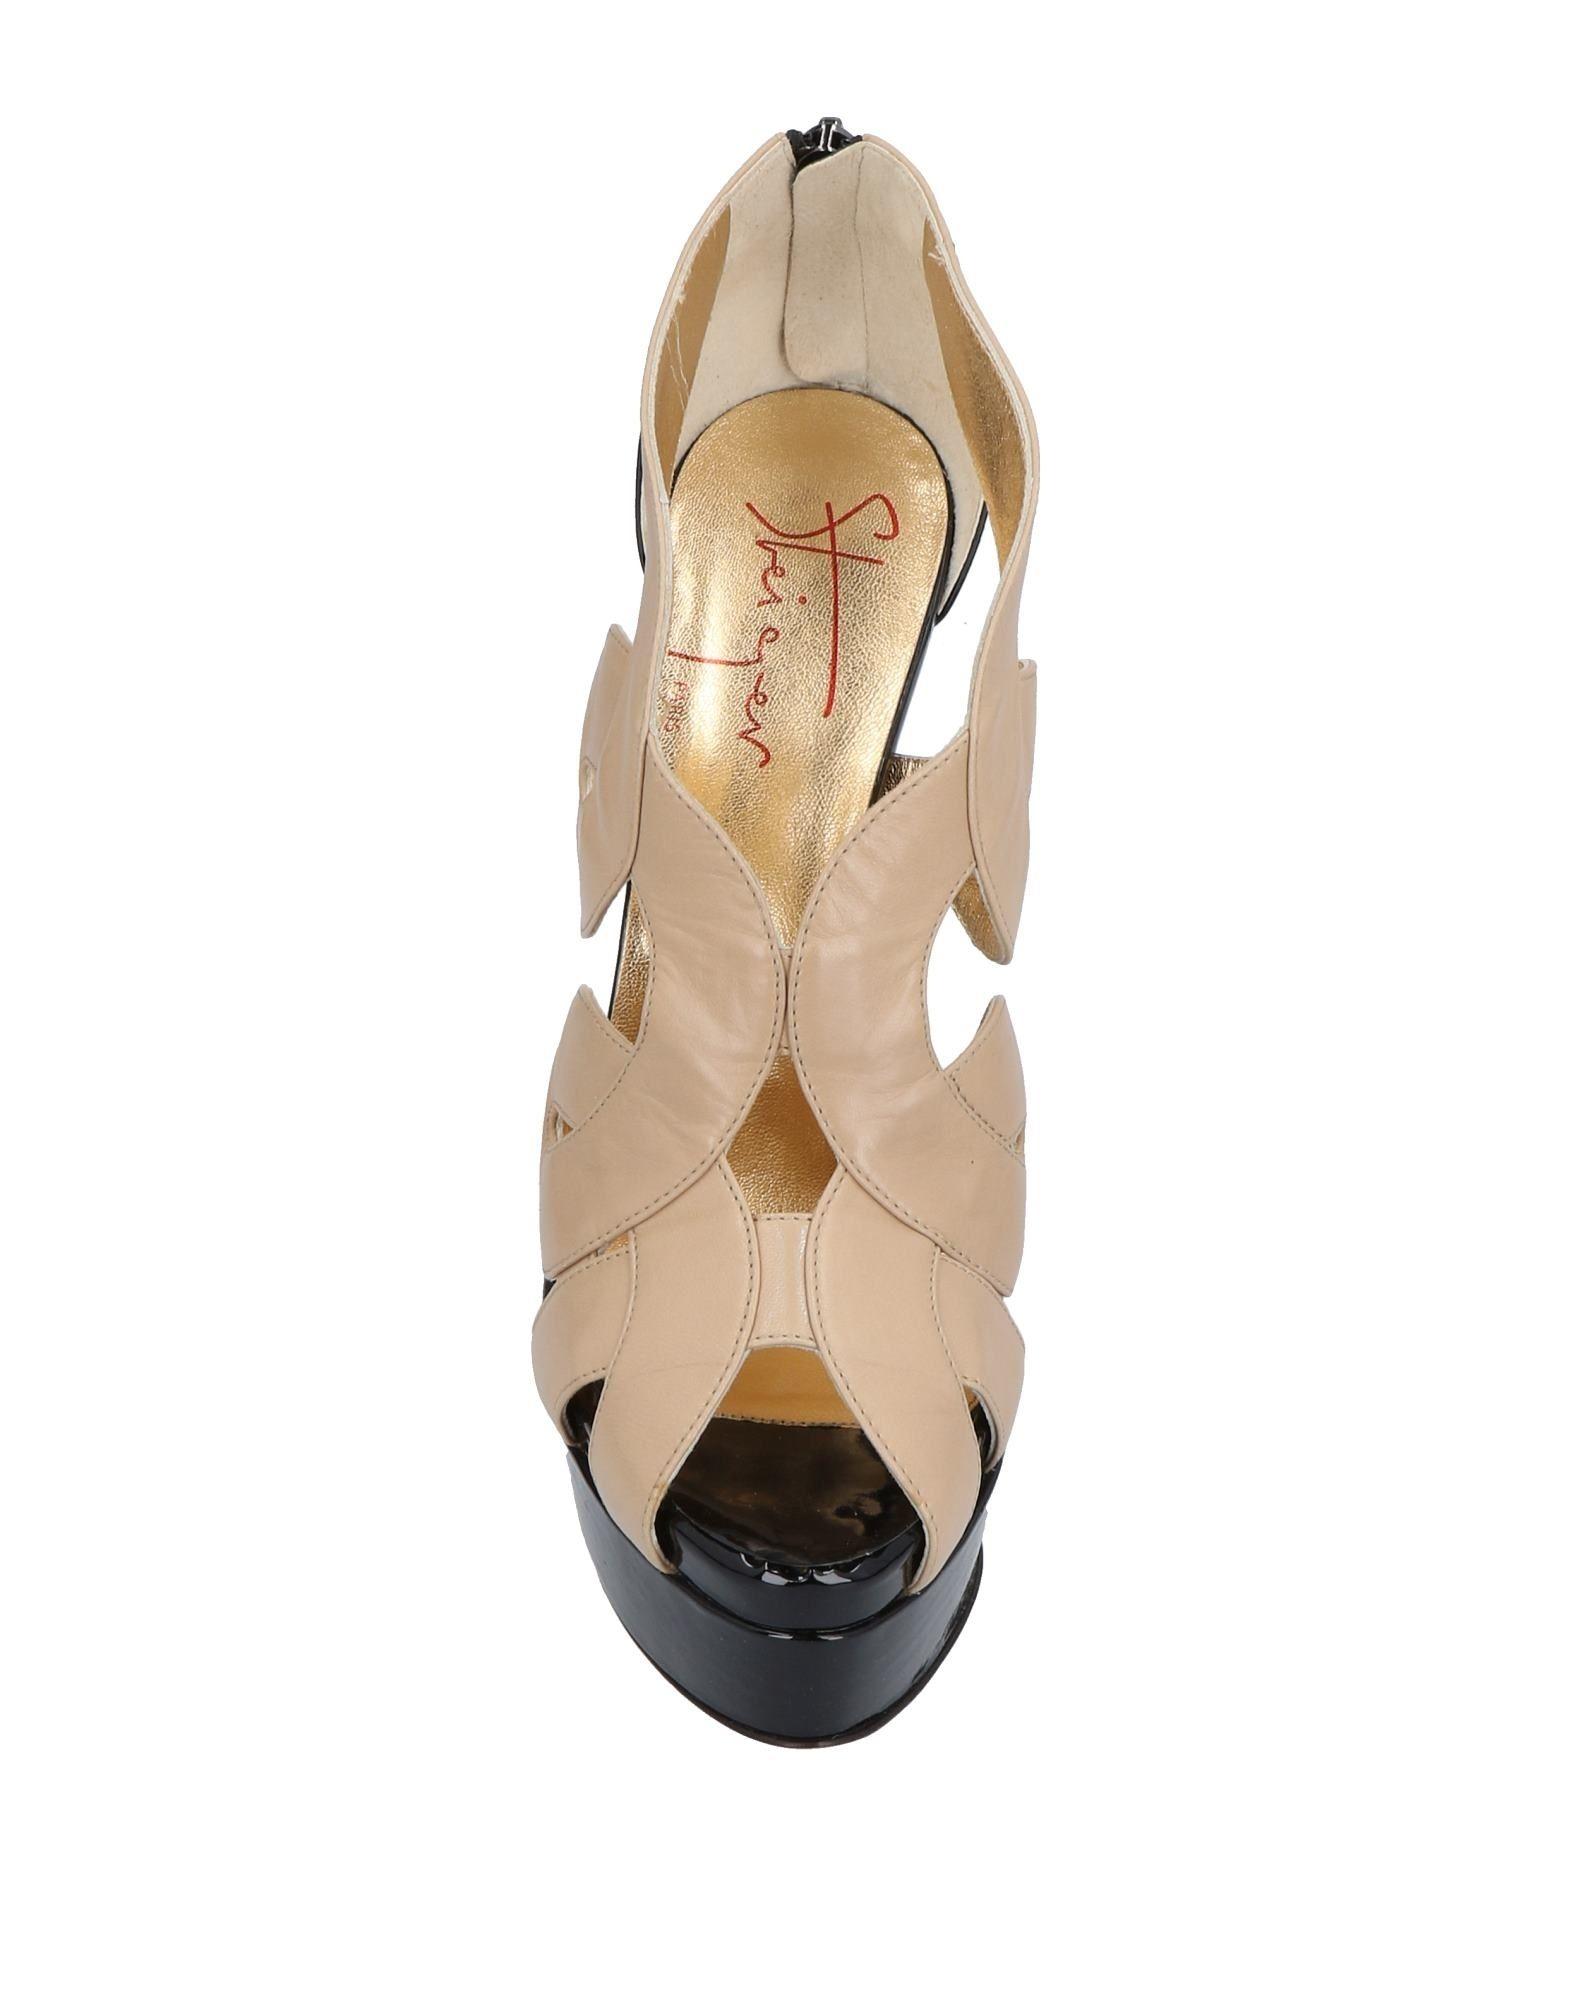 Walter Steiger Sandalen Damen Schuhe  11499394UBGut aussehende strapazierfähige Schuhe Damen 12de96